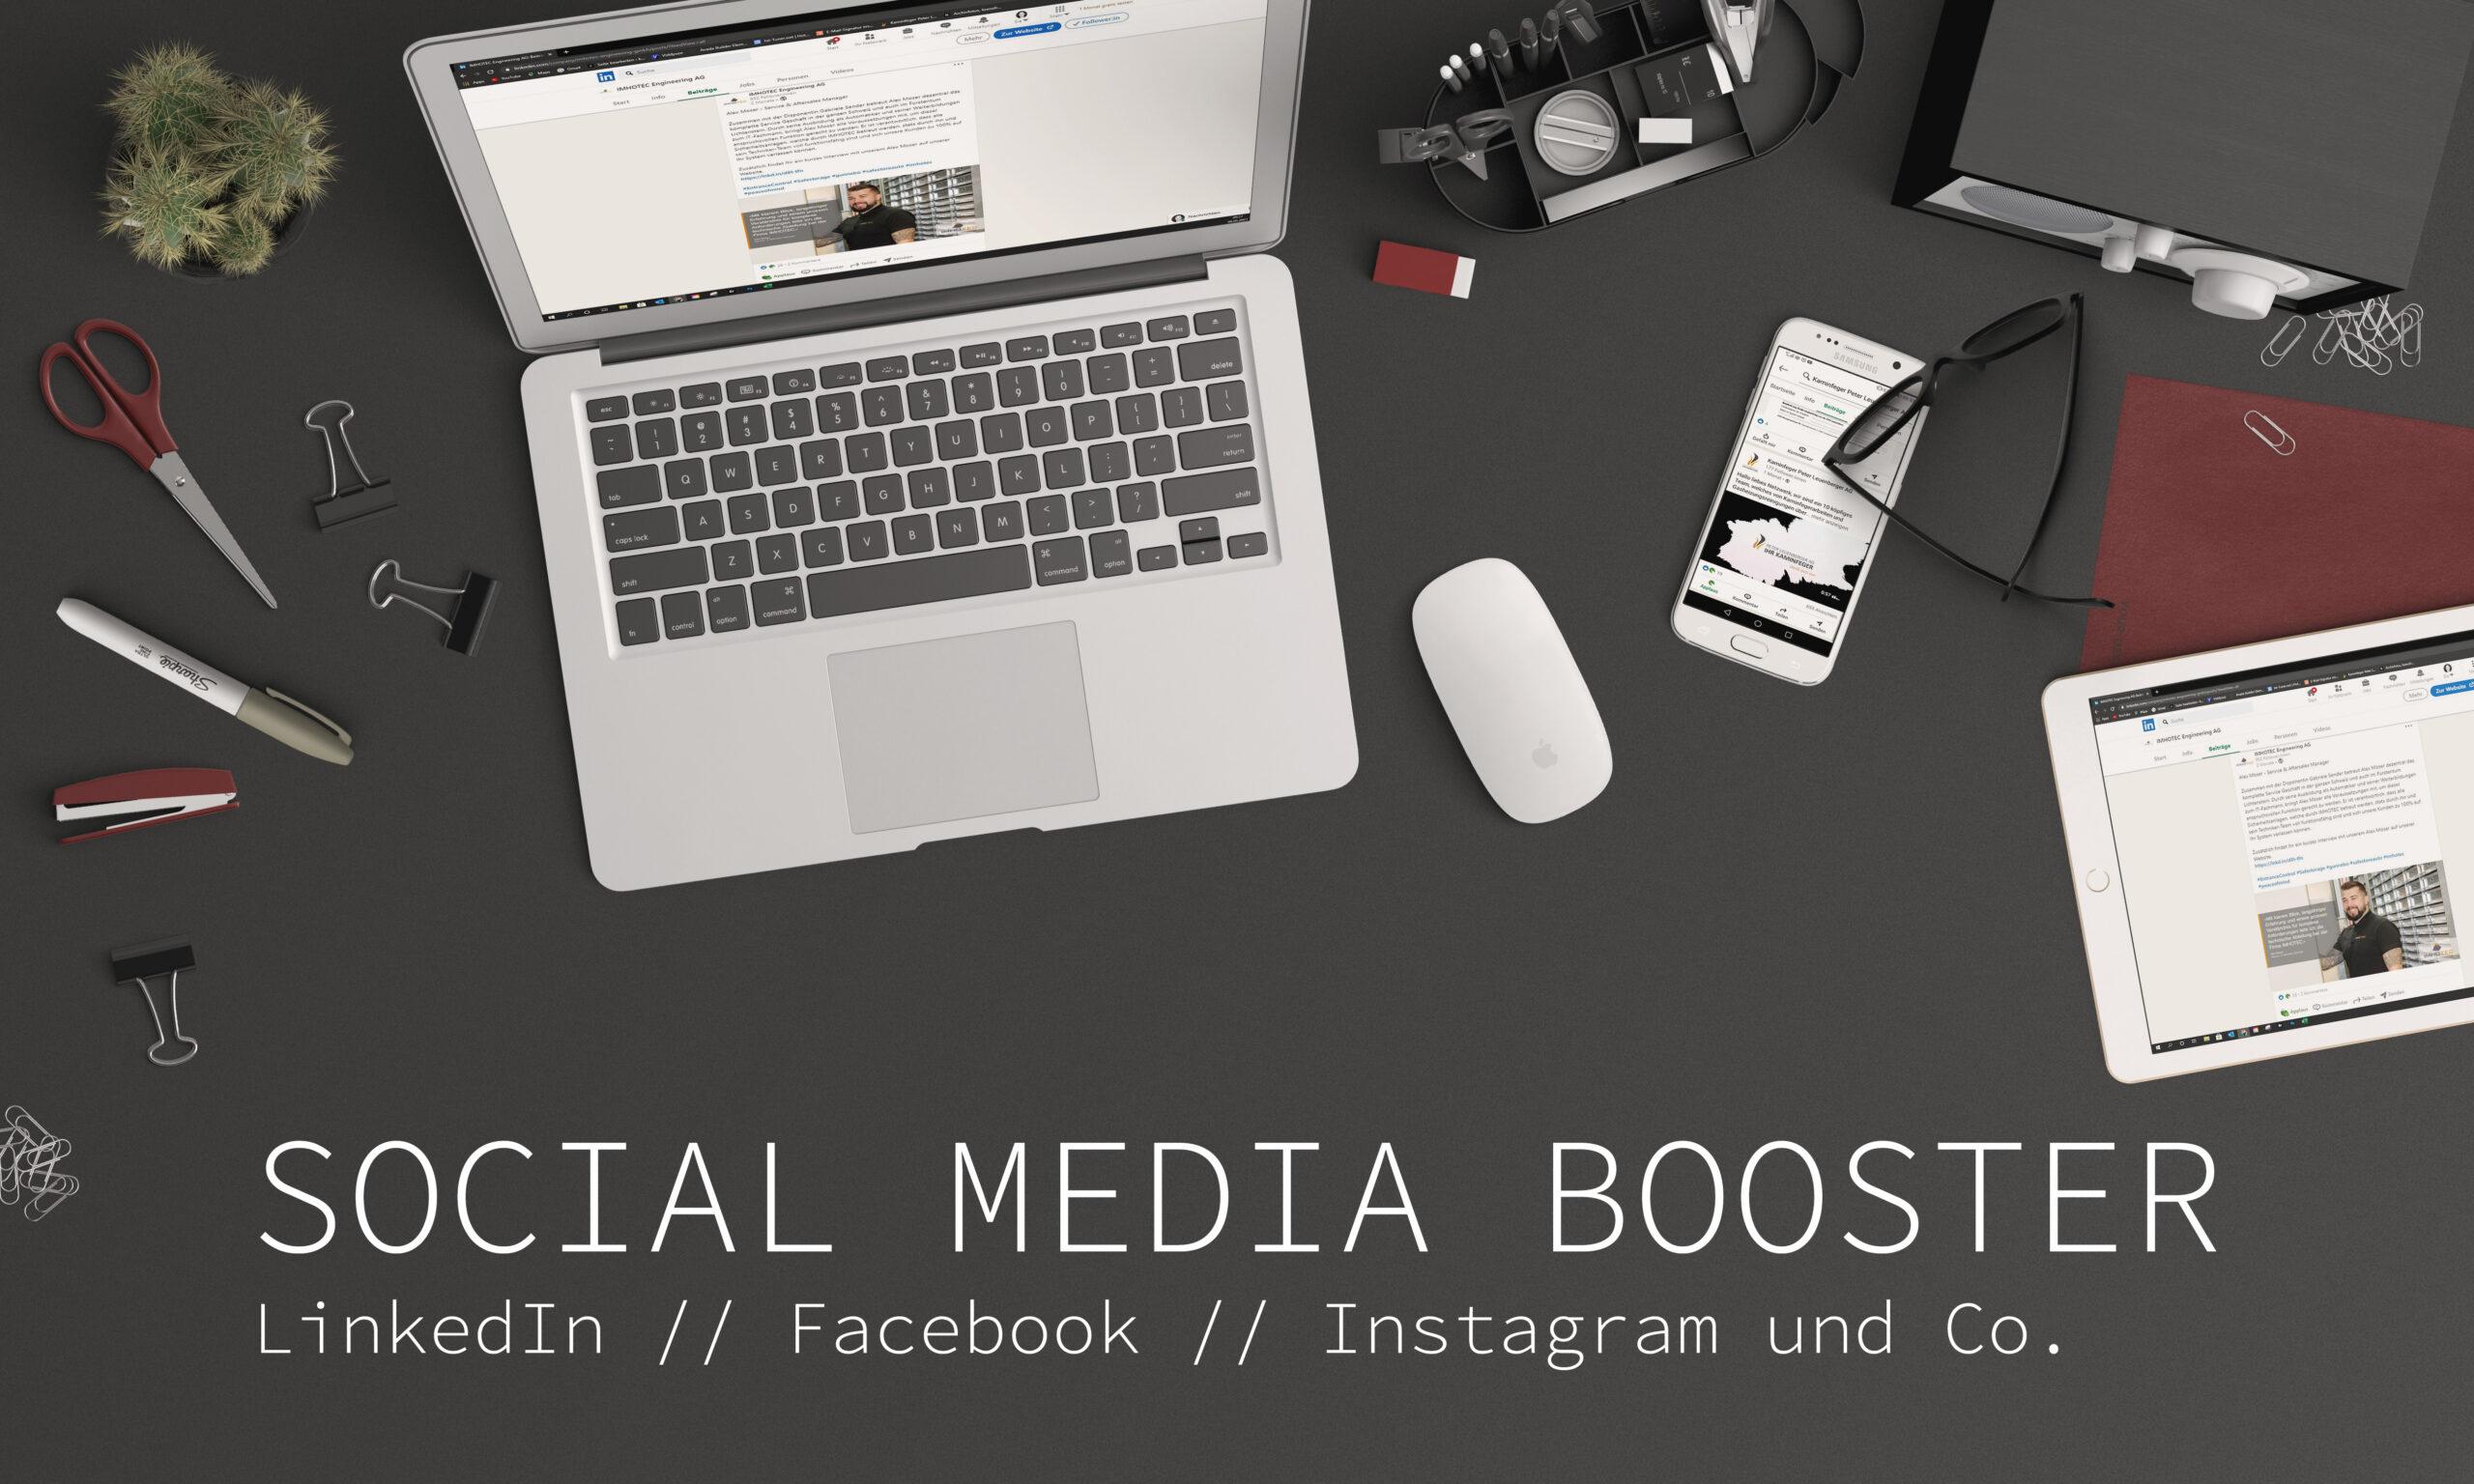 Social Media Booster